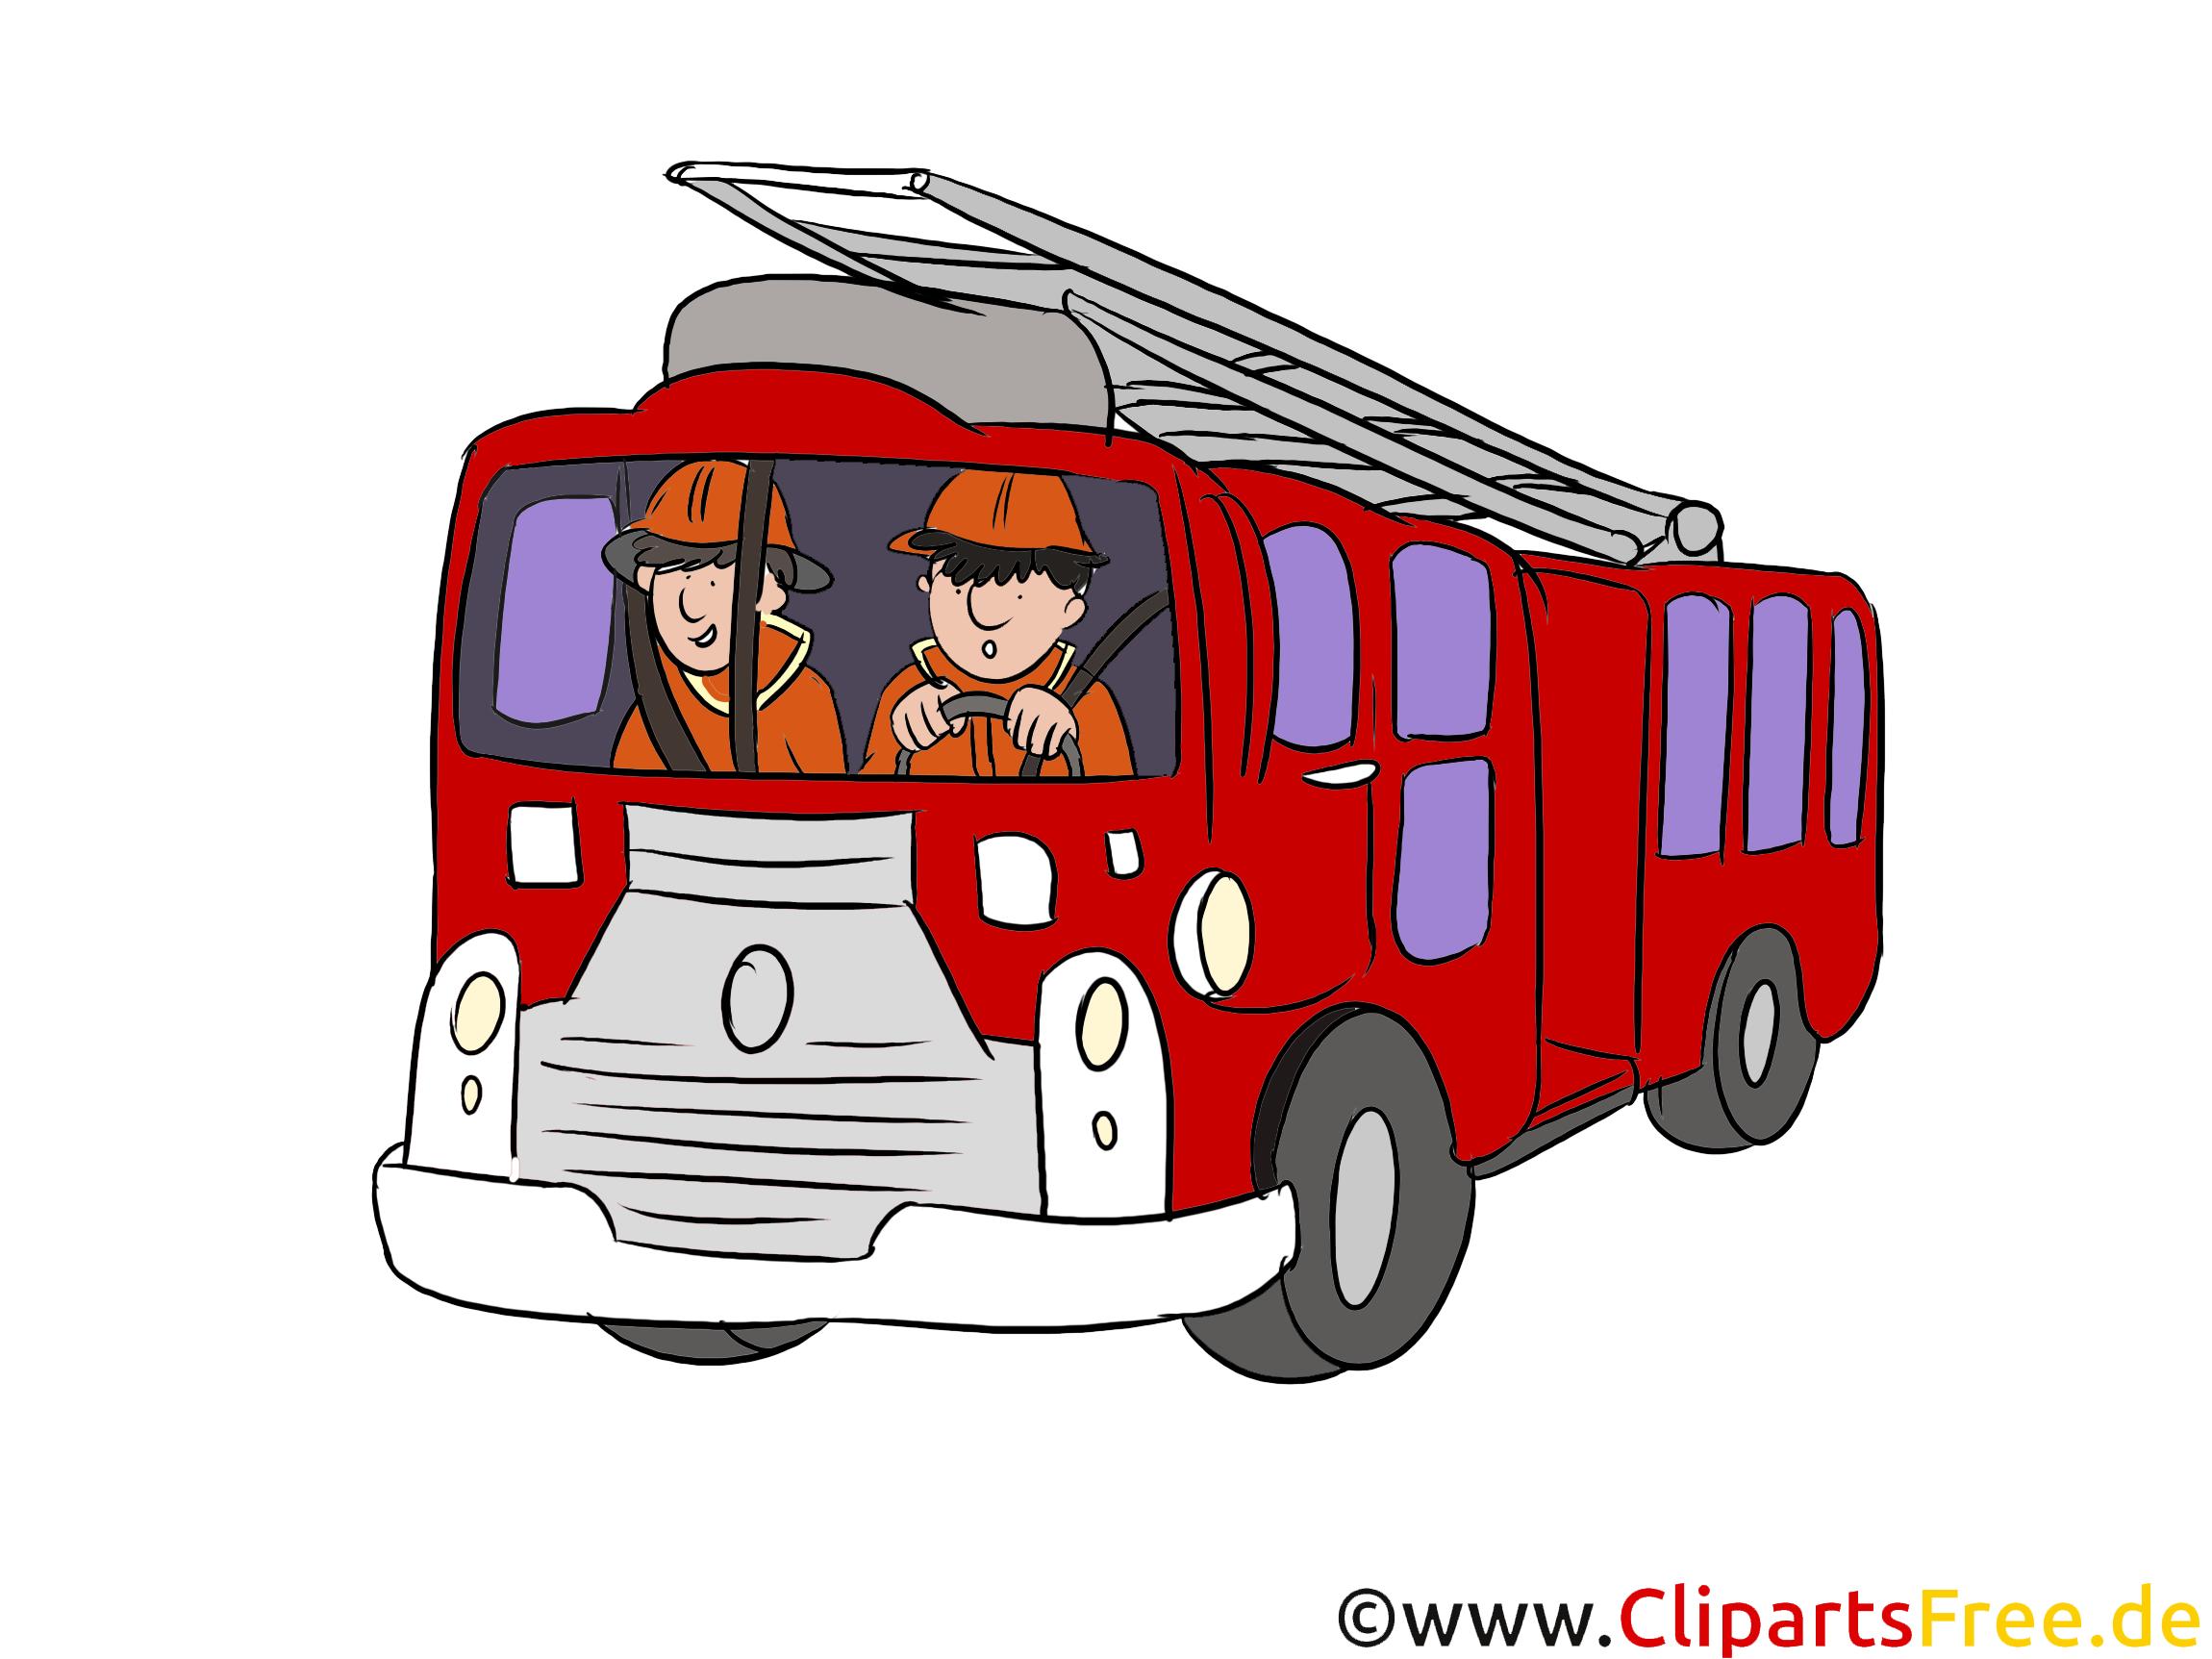 消防署の緊急車両図、クリップアート、絵